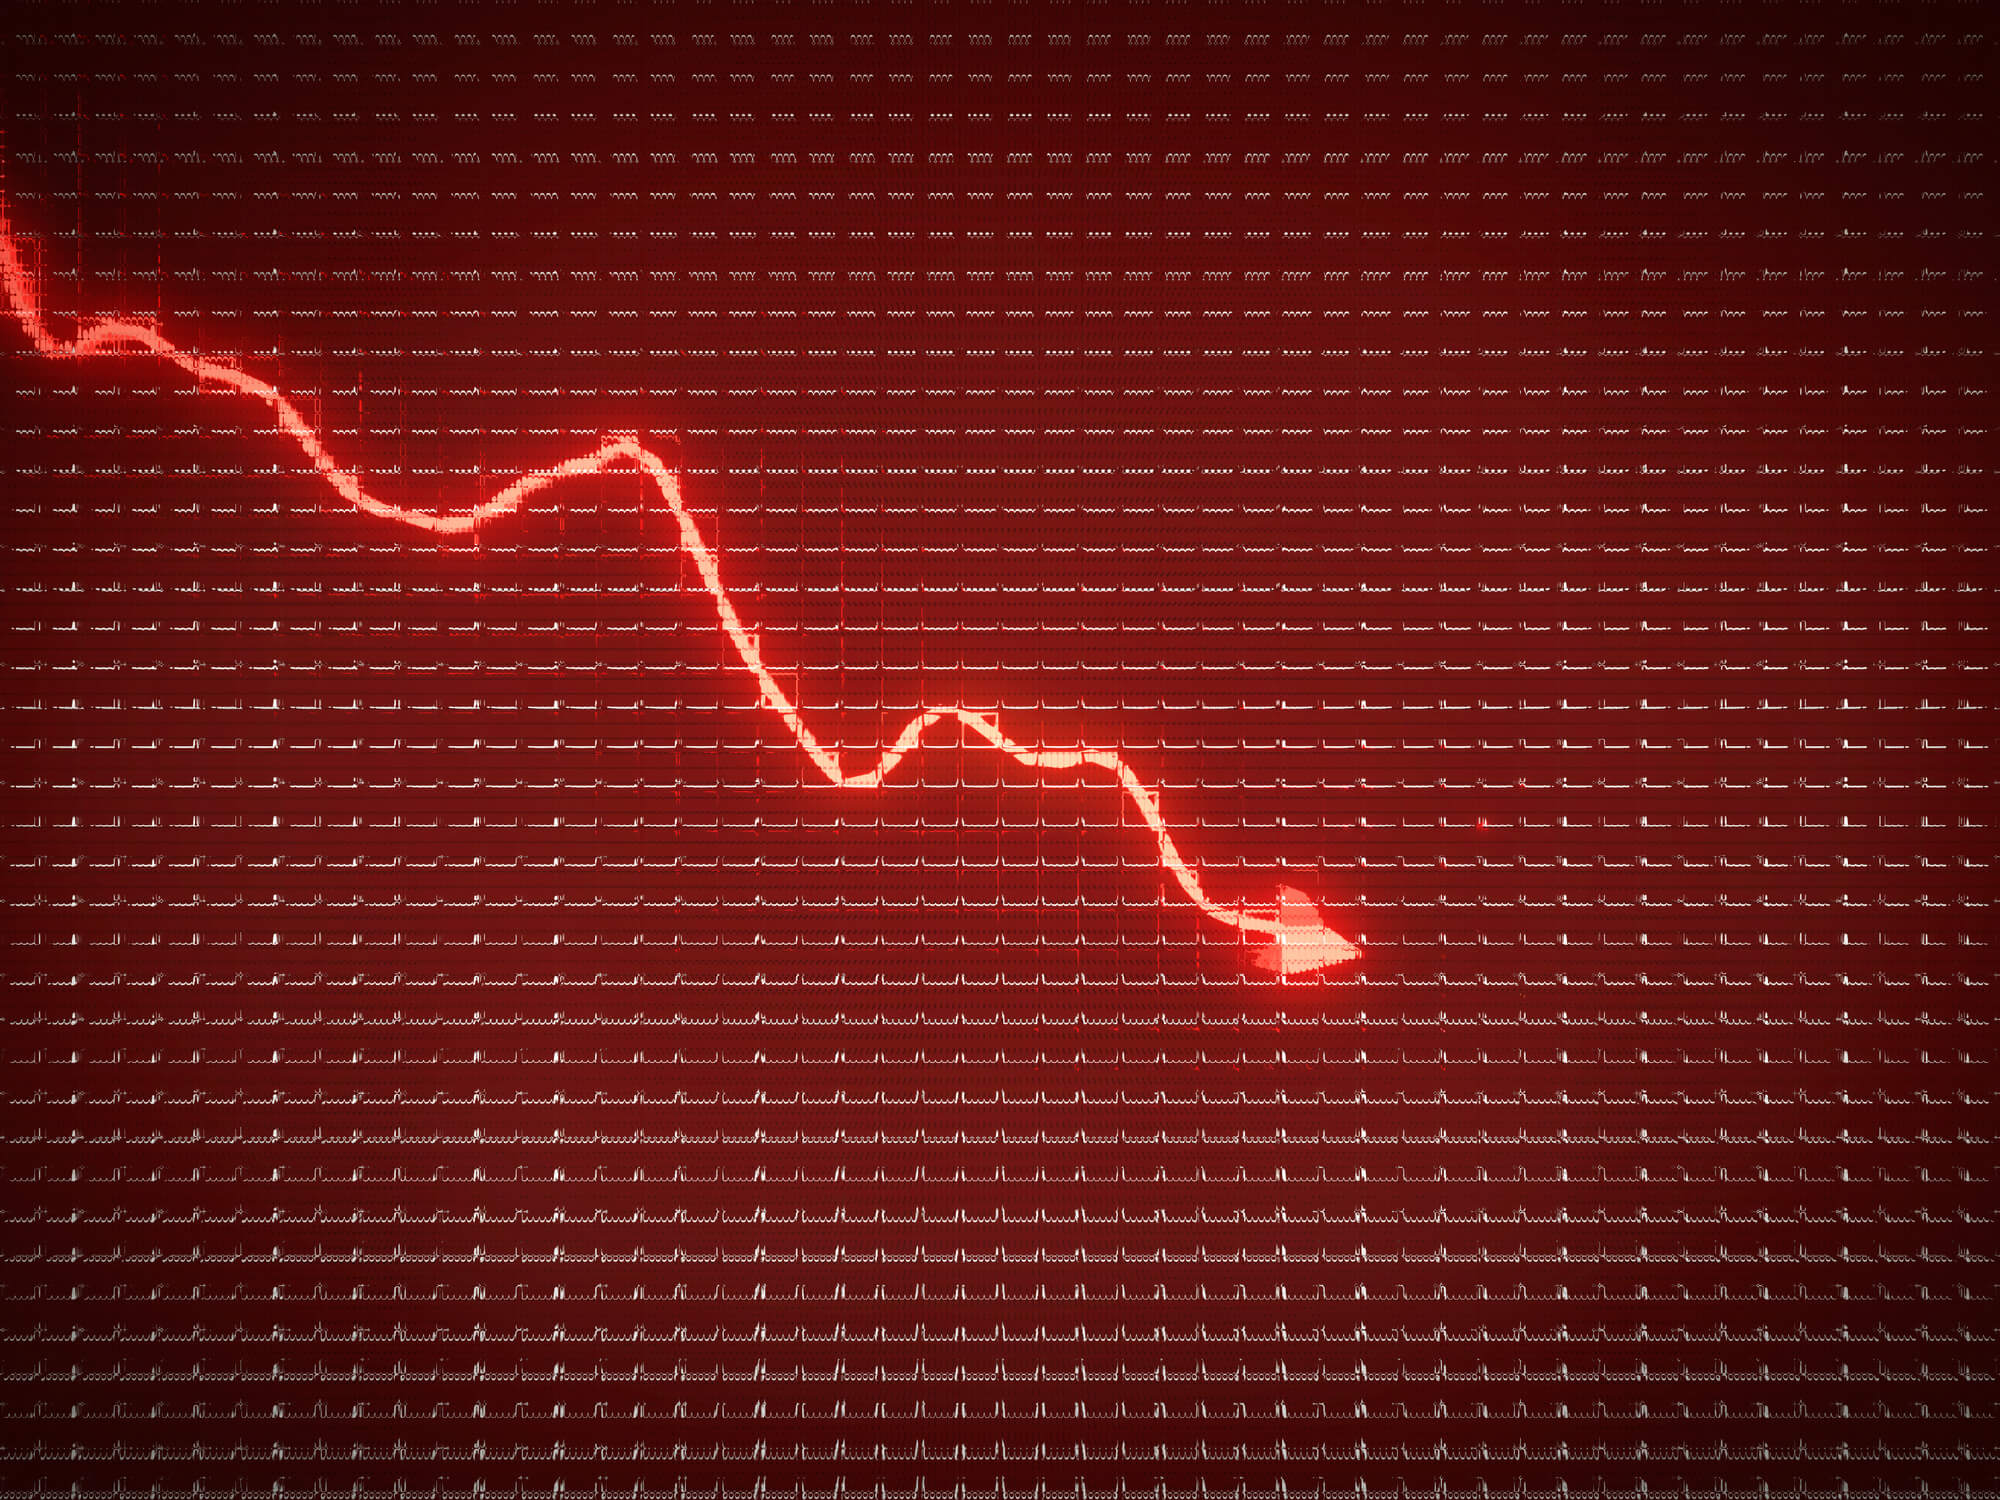 Ibovespa fecha em leve queda com invasão do Capitólio nos EUA após bater máxima histórica; dólar sobe a R$ 5,30 thumbnail